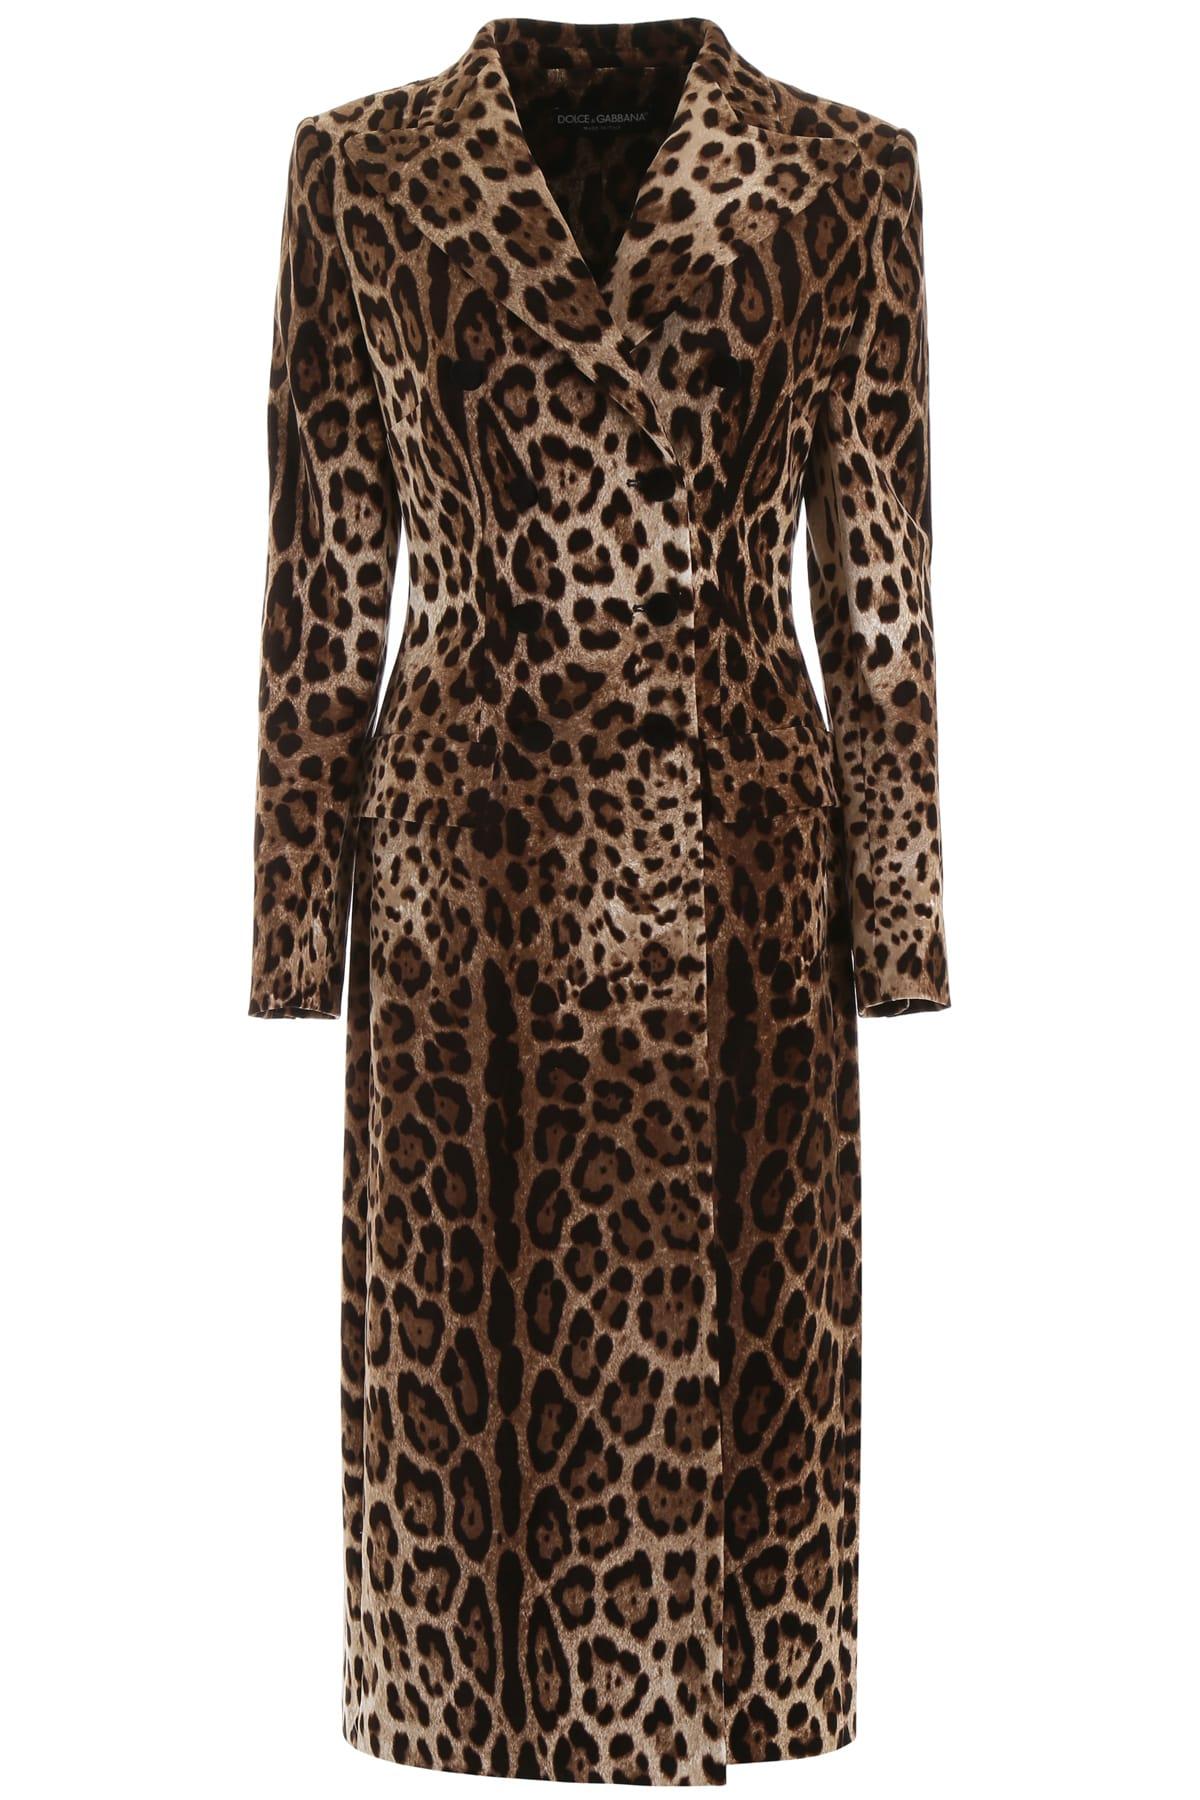 Dolce & Gabbana Leopard-printed Velvet Coat